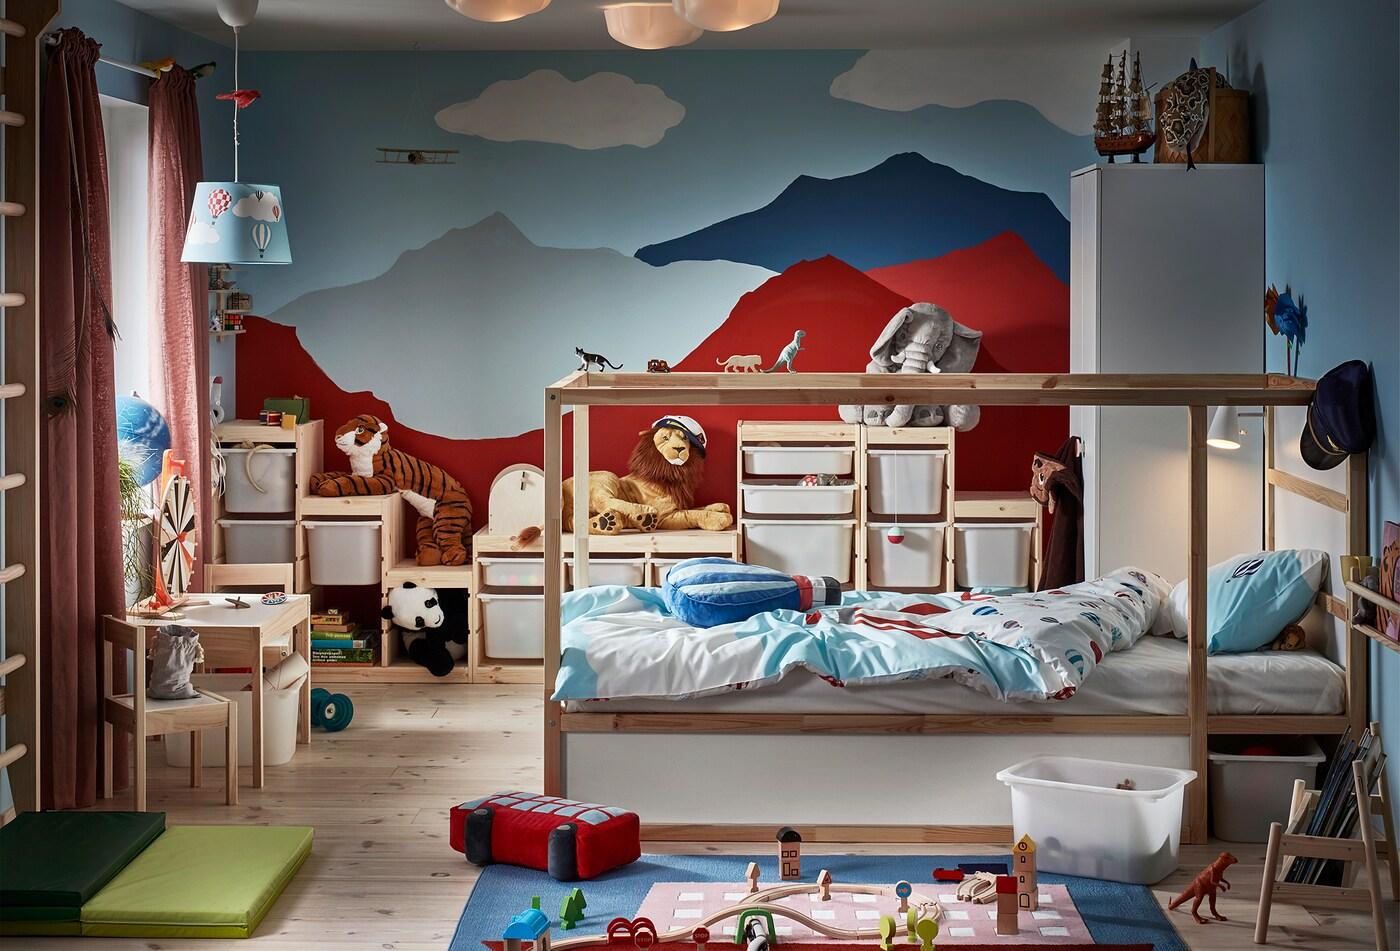 Chambre d'enfant; sur le mur du fond, on a peint des montagnes. La chambre contient un lit réversible, un espalier, des jouets et divers systèmes de rangement.